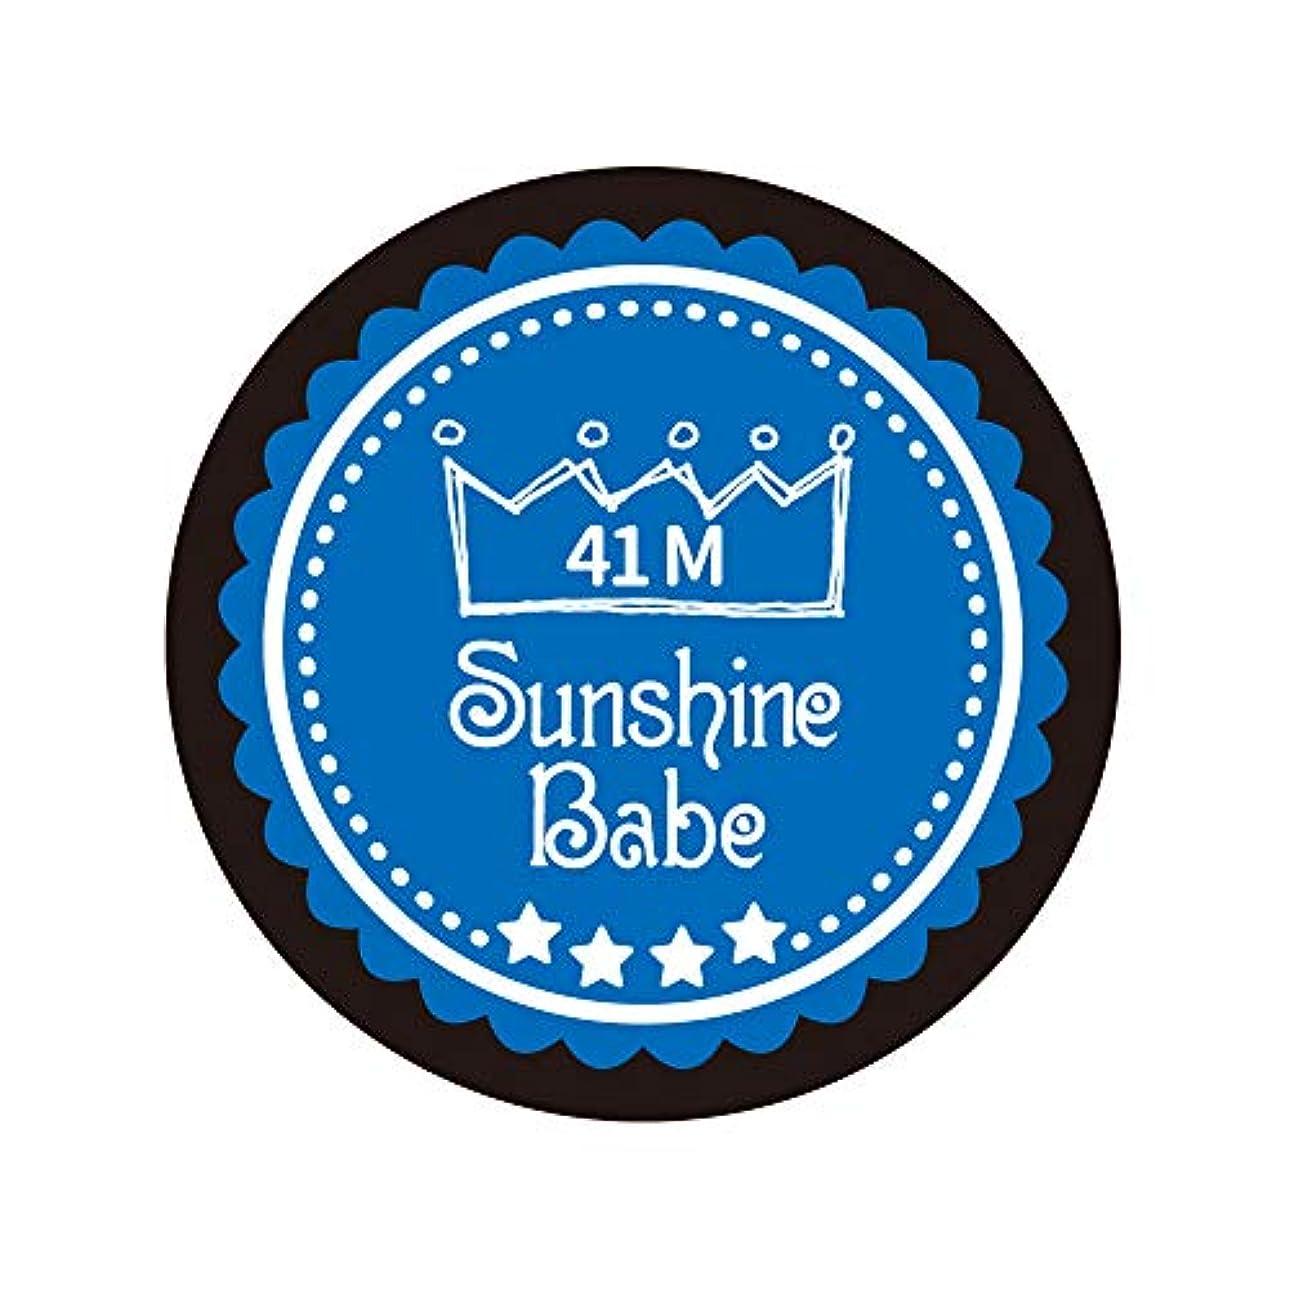 改修する学校教育一元化するSunshine Babe カラージェル 41M ネブラスブルー 2.7g UV/LED対応